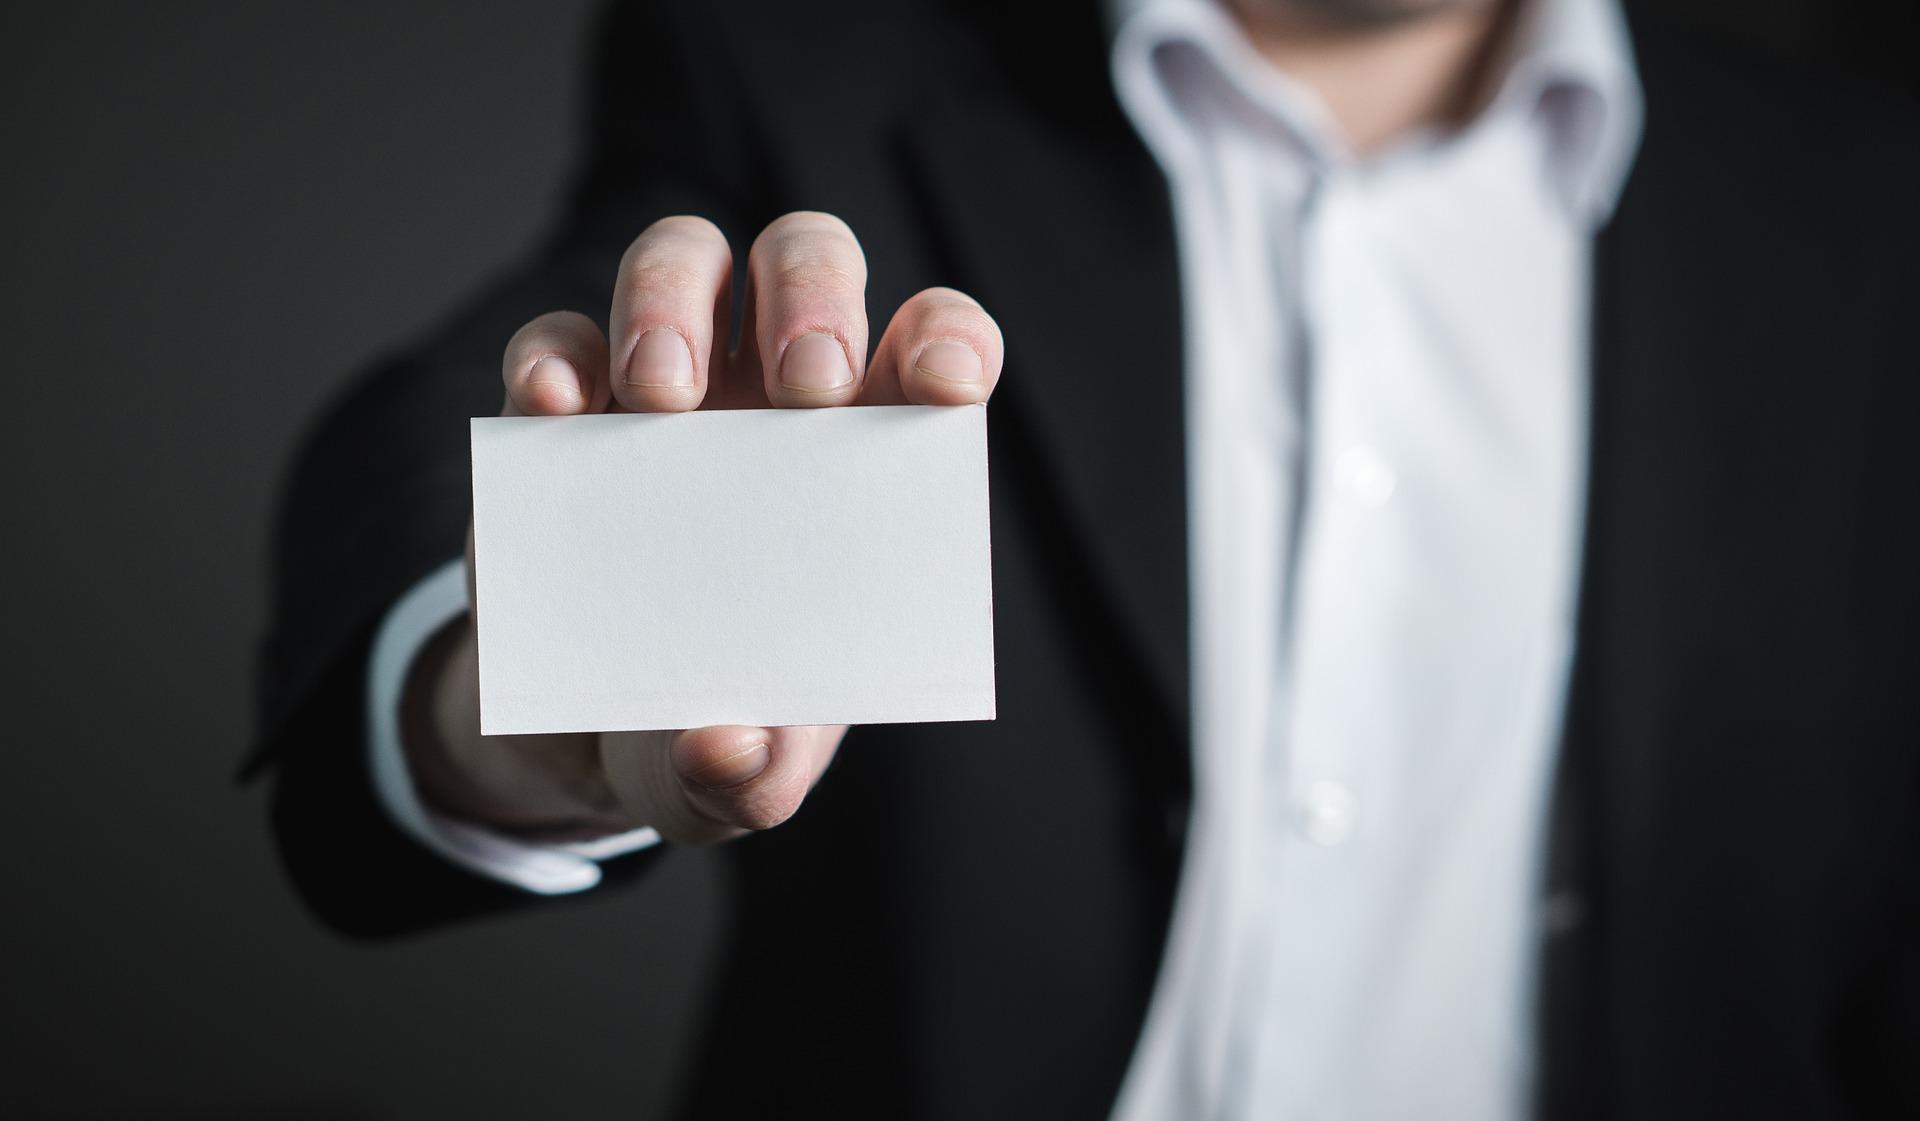 1枚の紙から仕事をバンバン獲得するフリーランスの名刺営業戦略